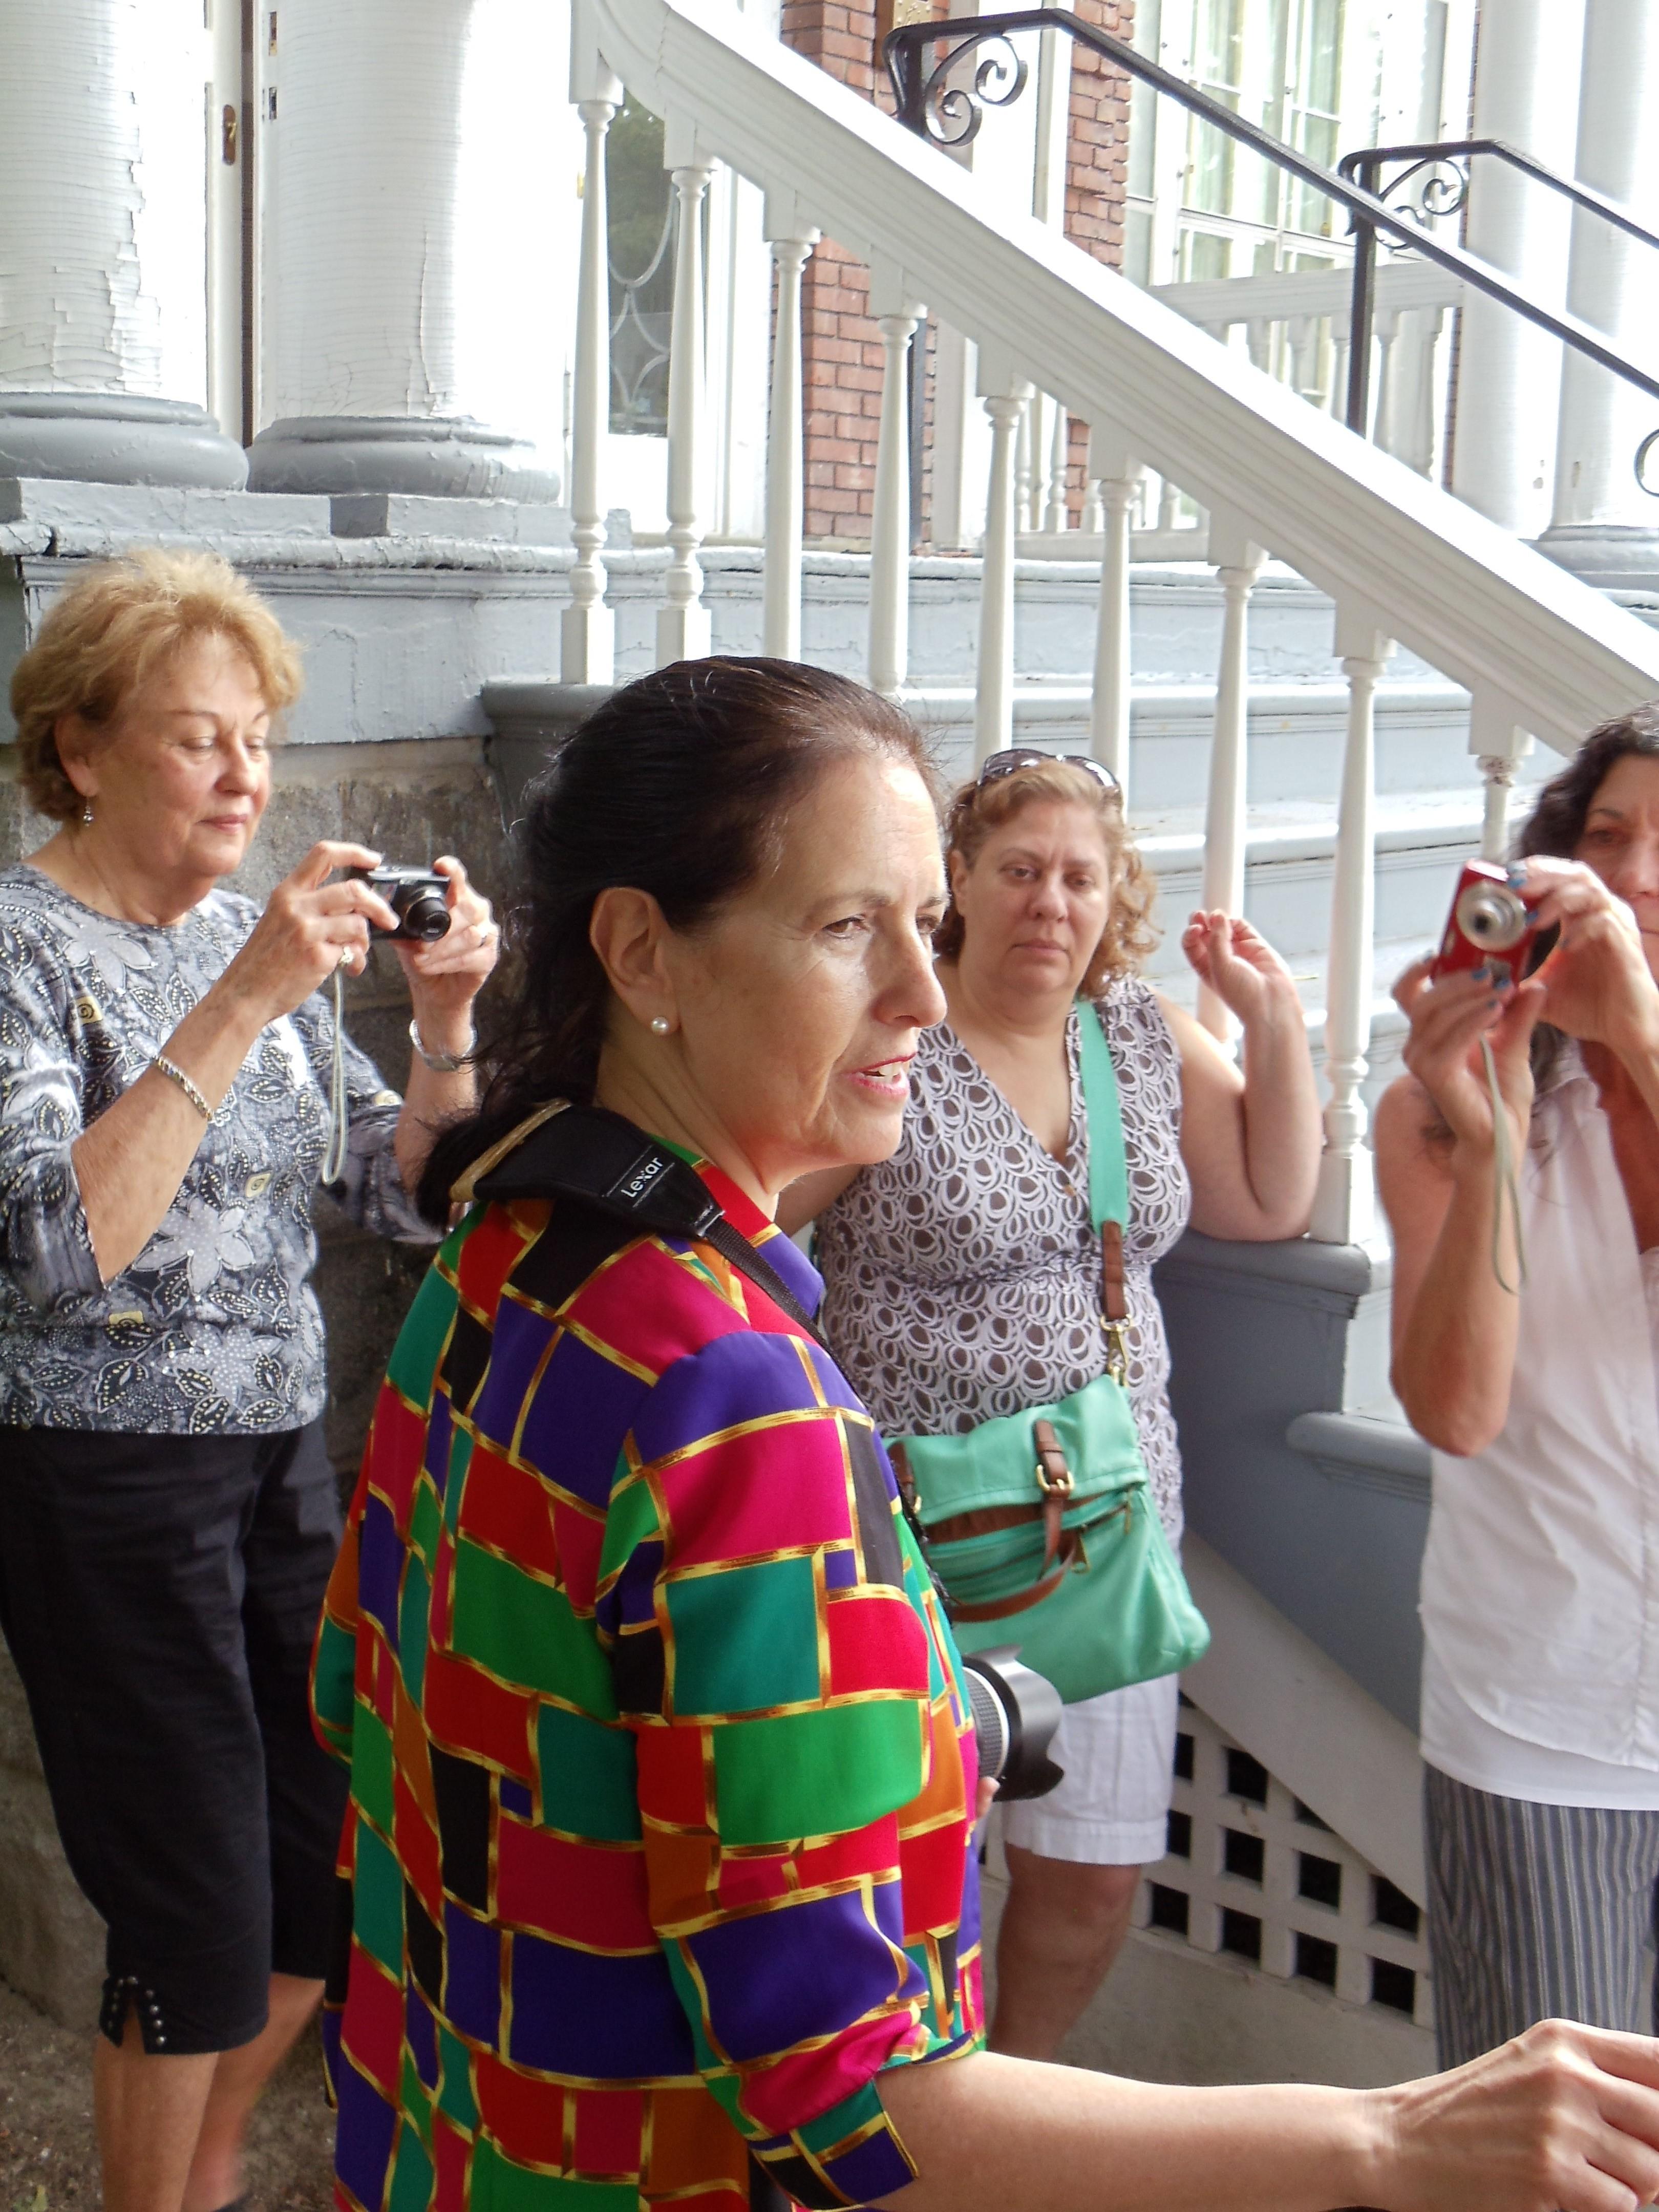 Sally Weiner Grotta Photography Class